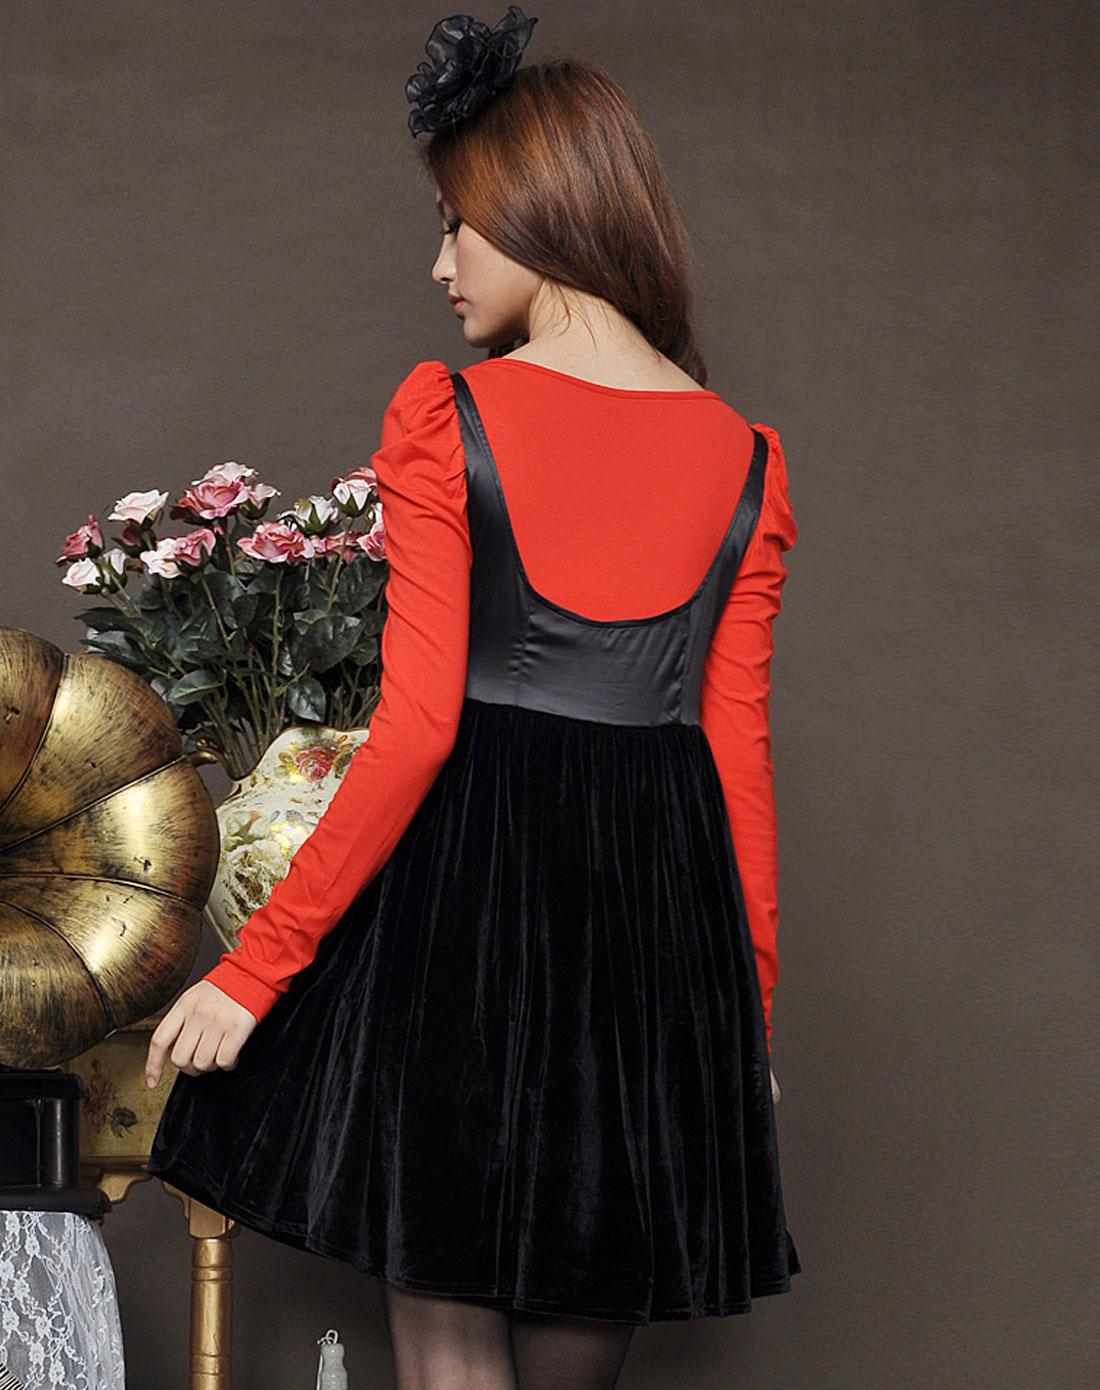 女款红色唯美可爱黑蝴蝶结式拼接连衣裙